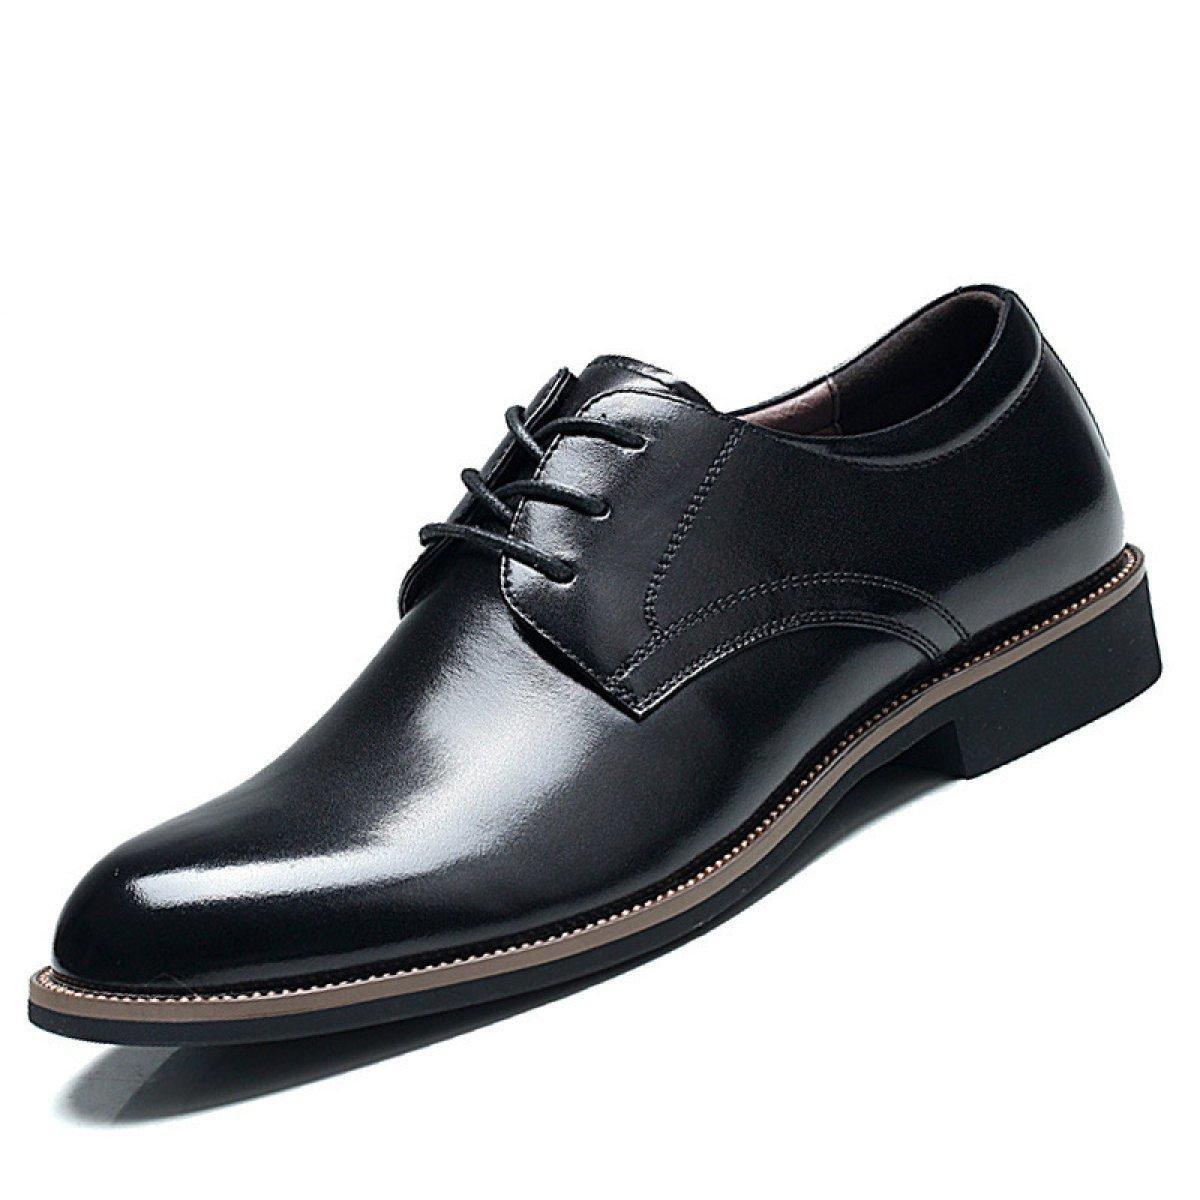 Männer Erste Schicht Aus Leder Herrenschuhe Freizeitschuhe Business Schuhe Gummi Platte Schuhe Business Freizeitschuhe Schuhe Spitze Außensohle Niedrig Zu Stanzen Leder Schuhe schwarz 8a61ec